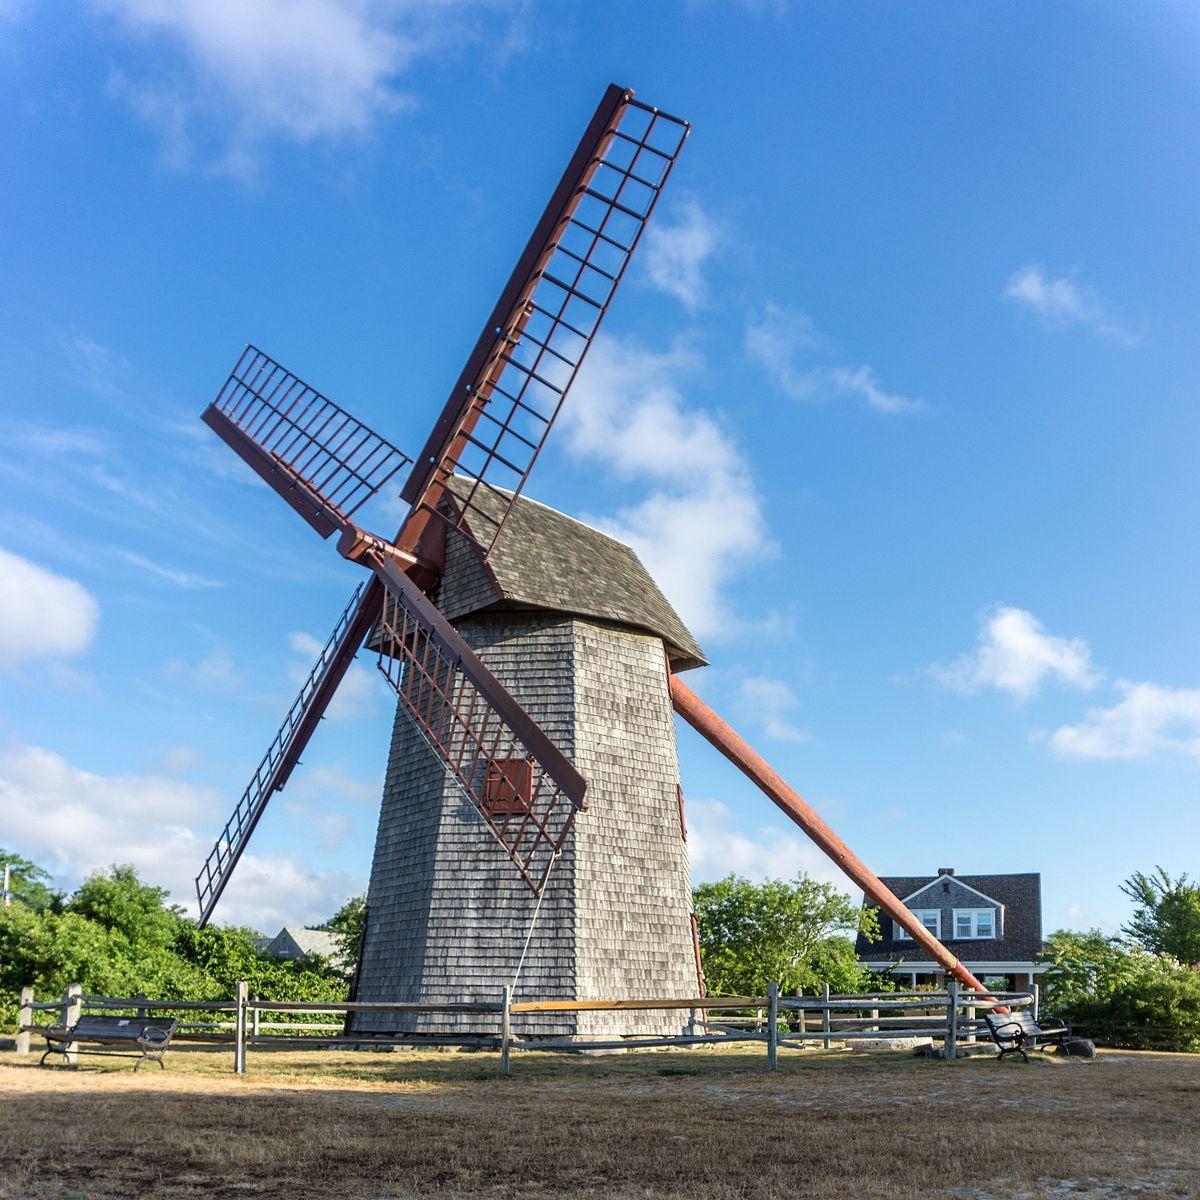 The Old Mill Nantucket Massachusetts Wikipedia